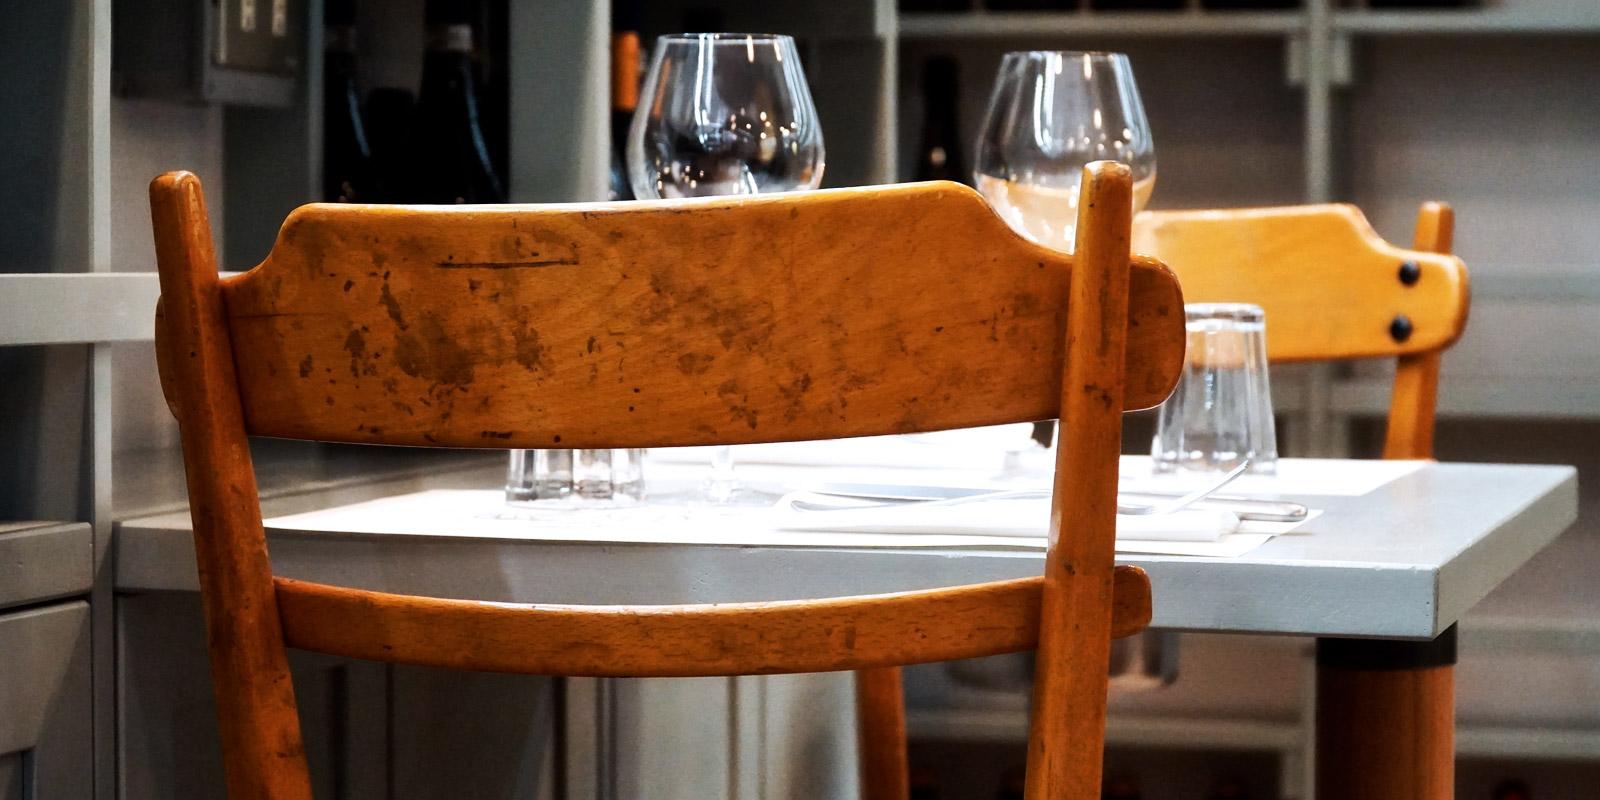 Sedie in legno del ristorante Ercoli, nel quartiere Prati a Roma